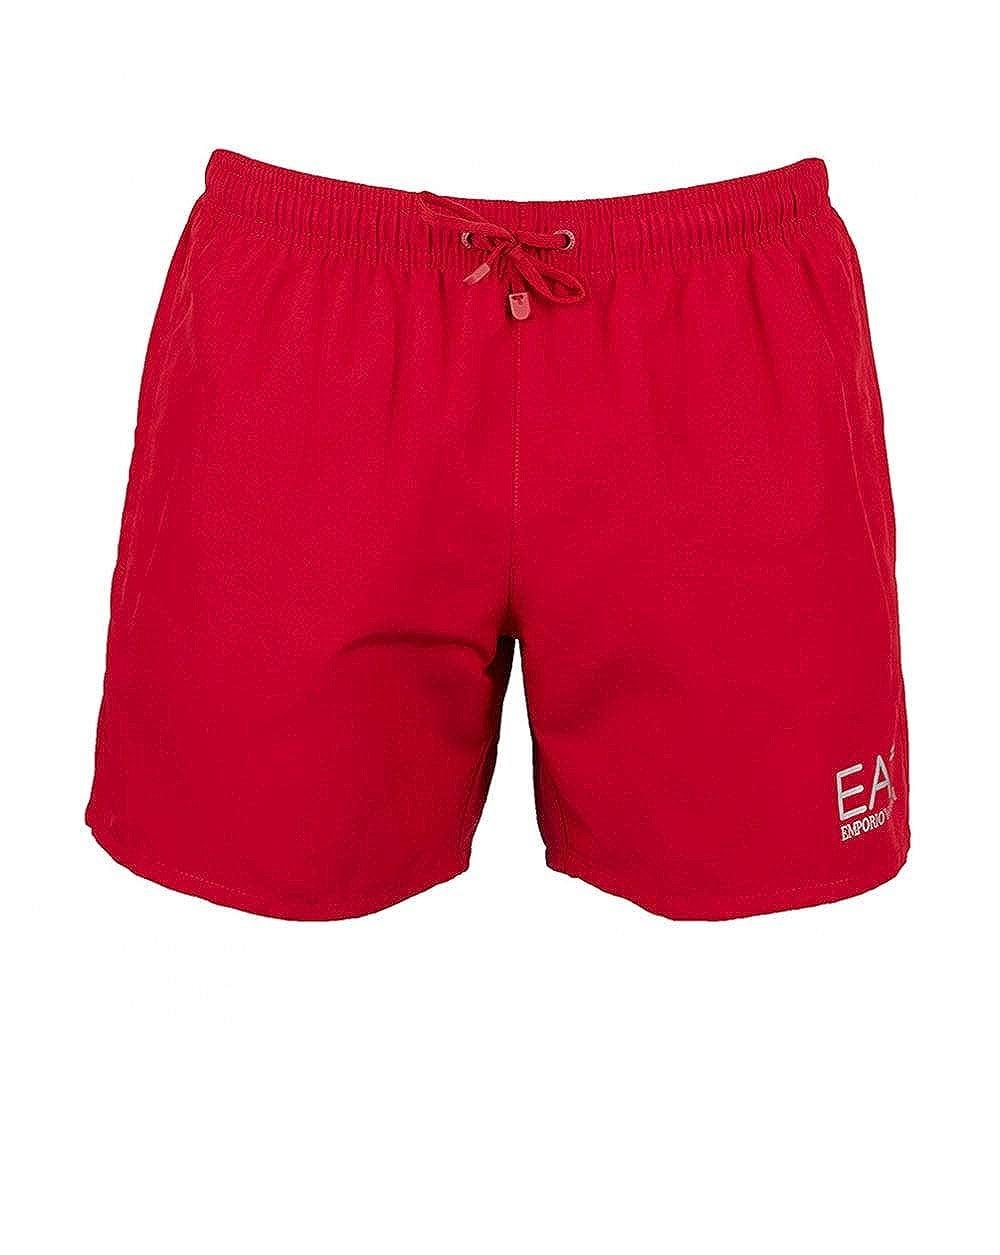 TALLA L. Emporio Armani Ea7 Natación Pantalones Cortos De Hombres, Rojo/plata